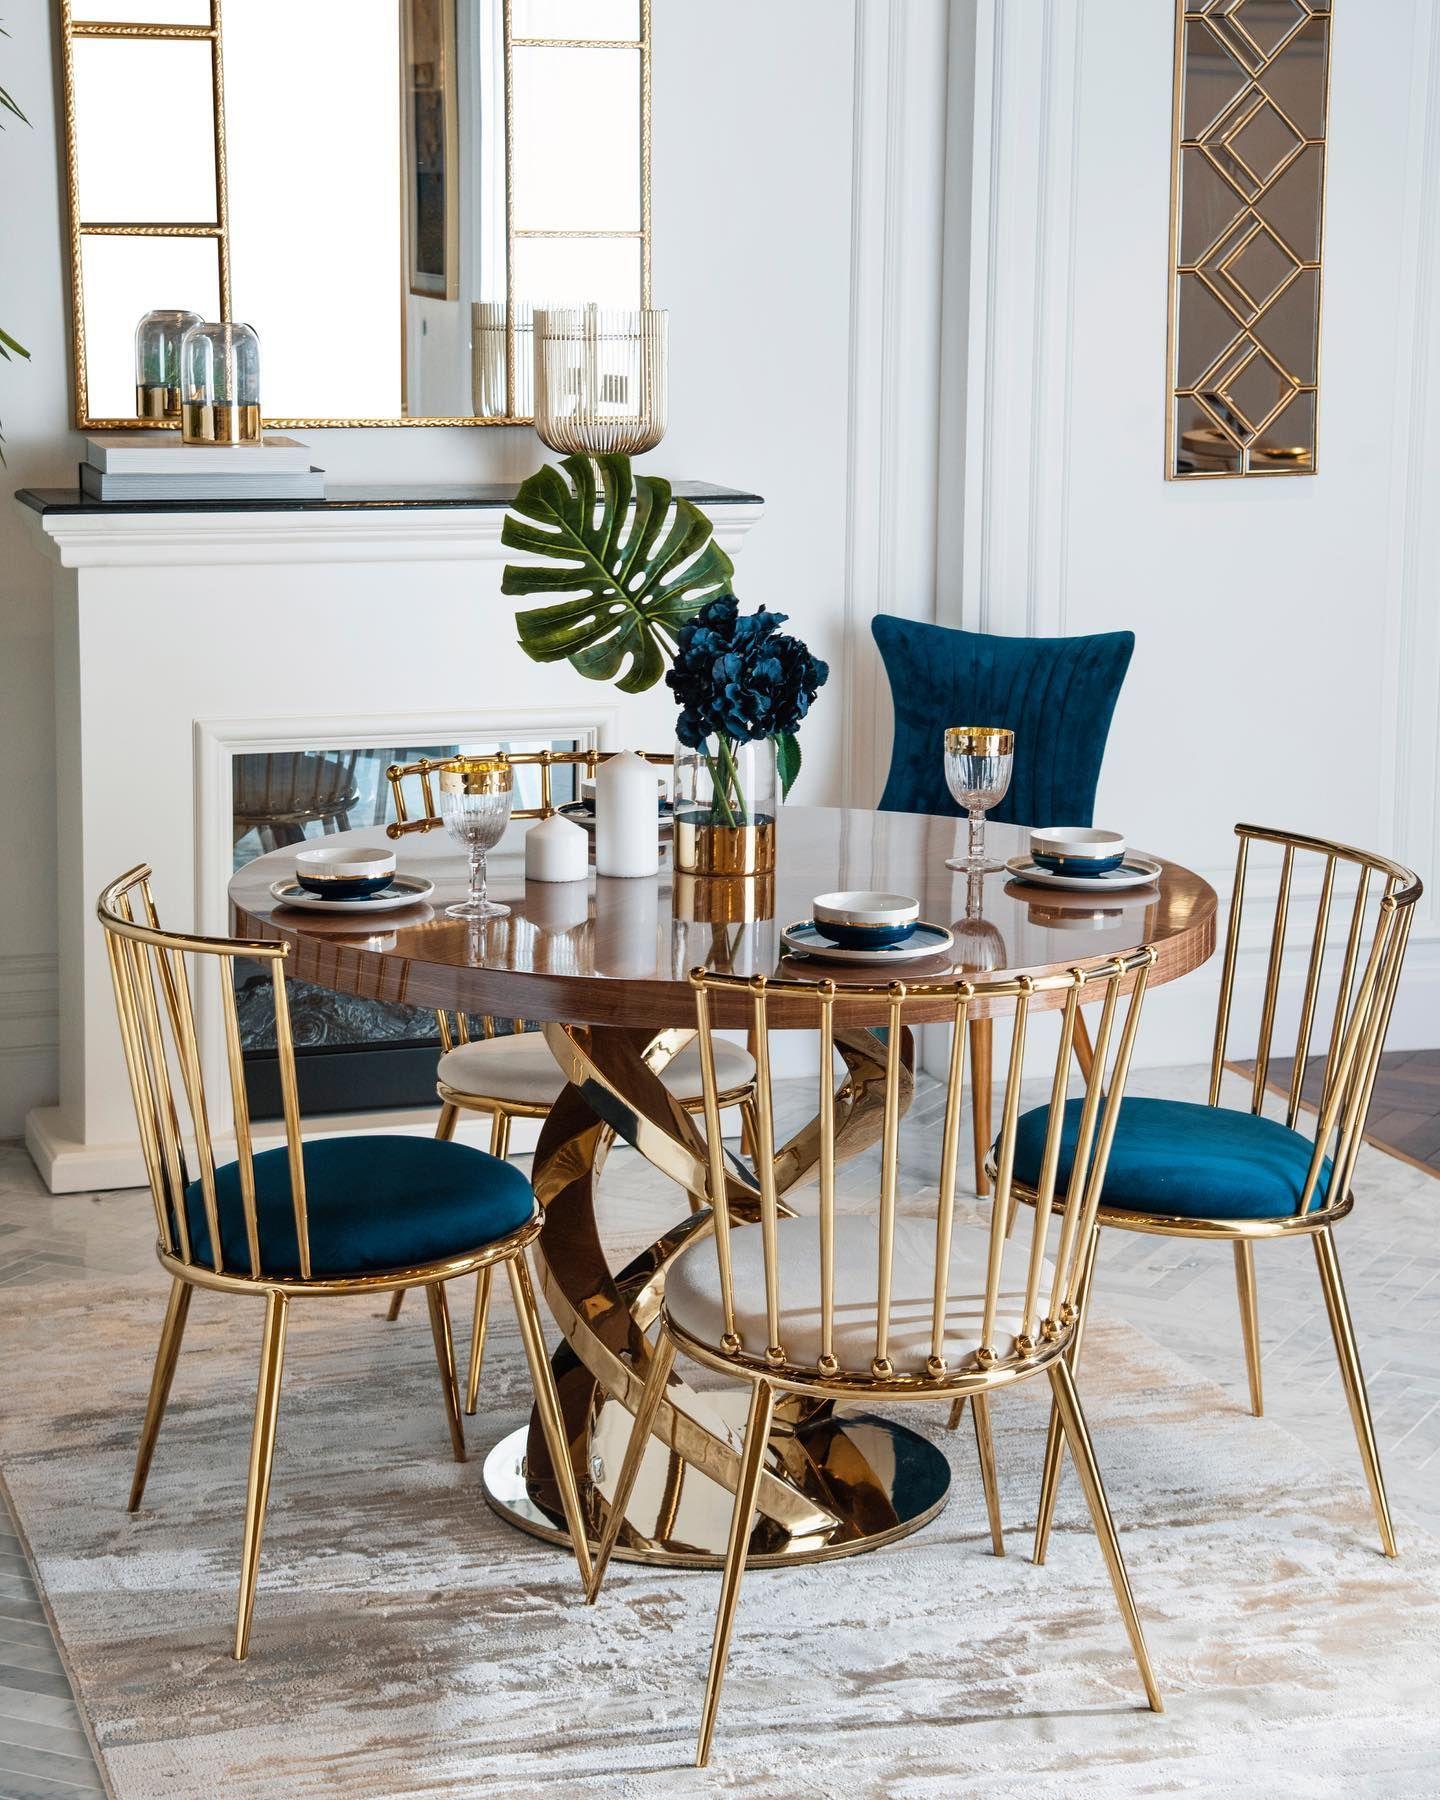 إن طاولة الطعام الخاصة بك ليست فقط مكان ا للاحتفال ولكنها مناسبة للحظاتك مع العائلة والأصدقاء تناول الطعام بأناقة مع تصاميمنا الفريدة من طاولات وكراسي الط